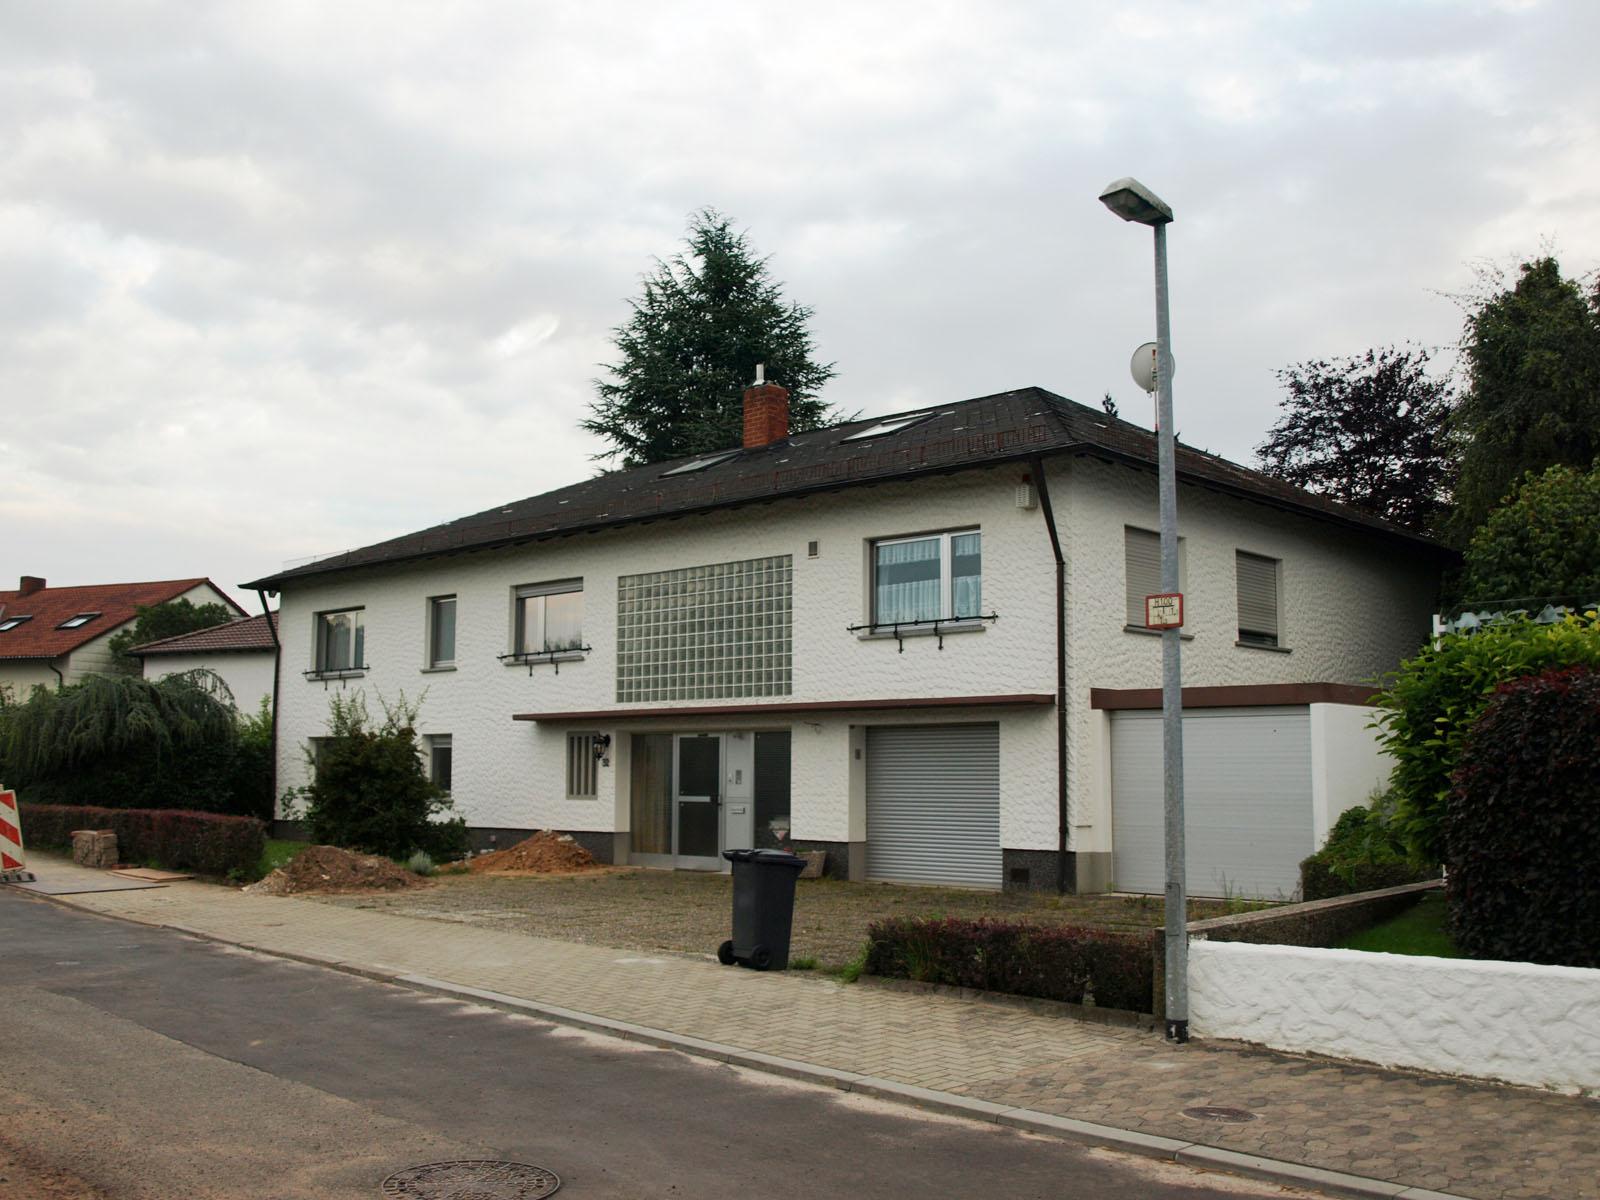 165 remmlinger rohrbach architekturwerk br njes for Architekturburo saarbrucken